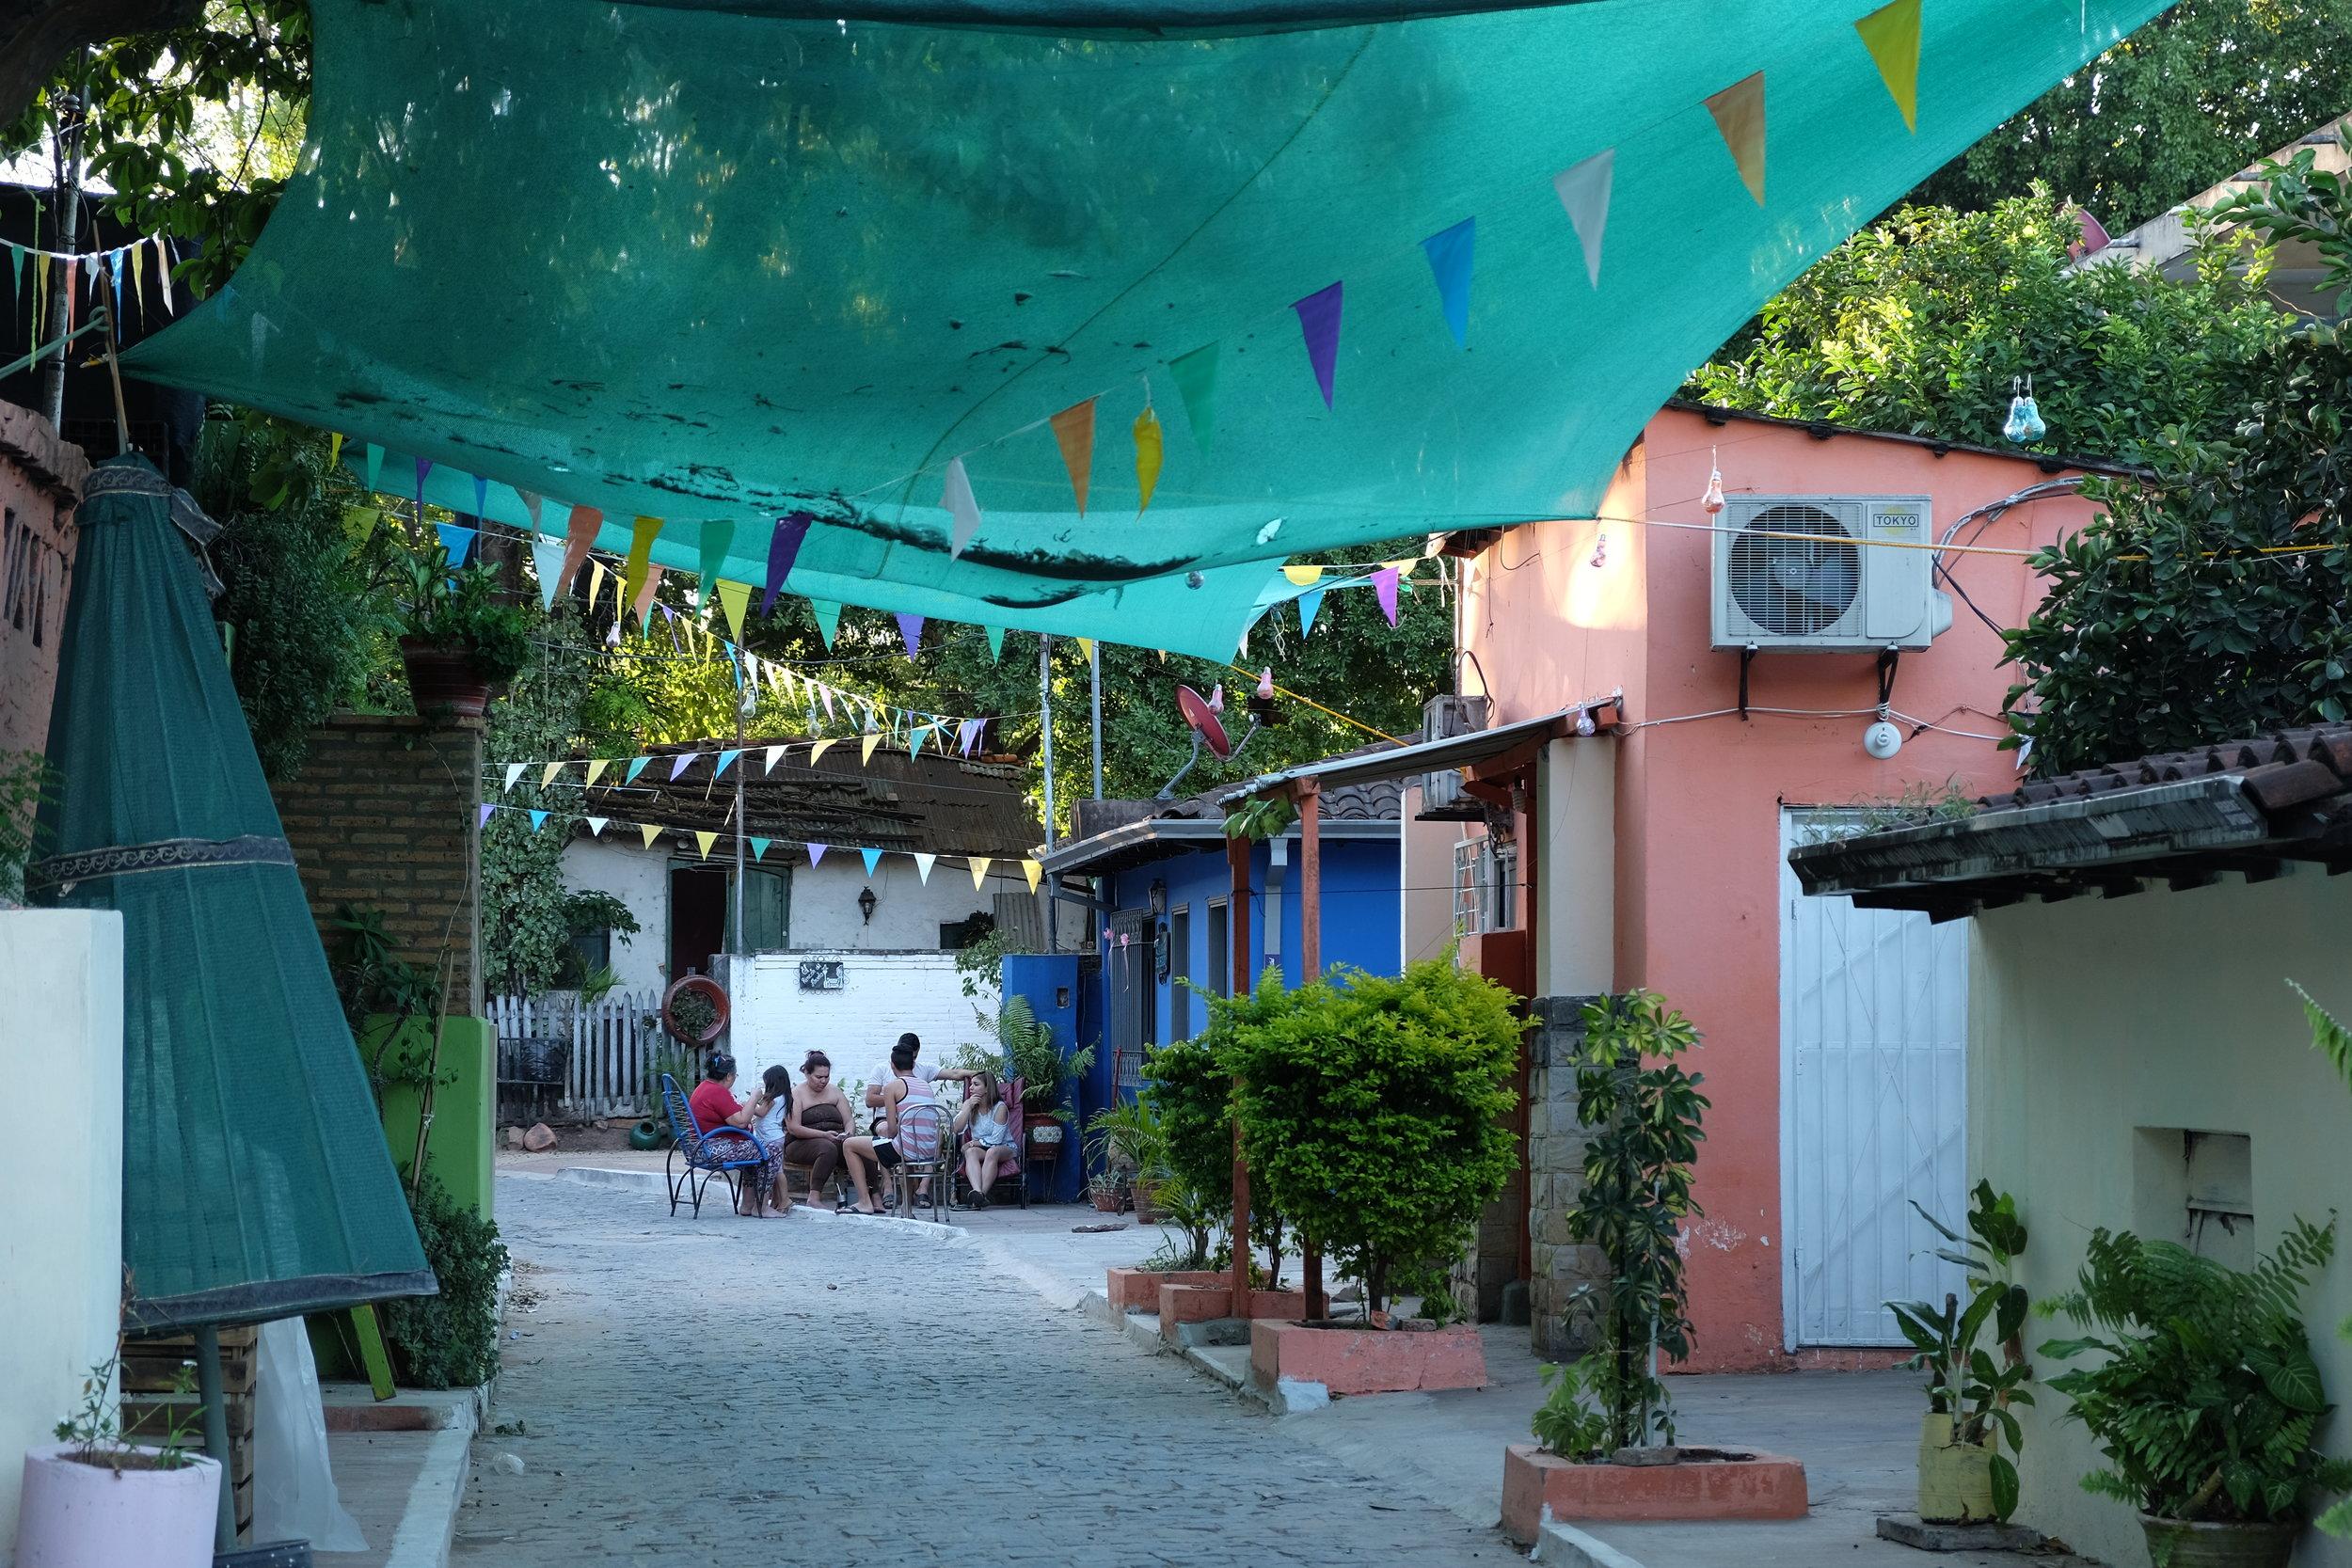 Calles Sinuosas de San Jerónimo, Asunción    Winding Streets of San Jerónimo, Asunción